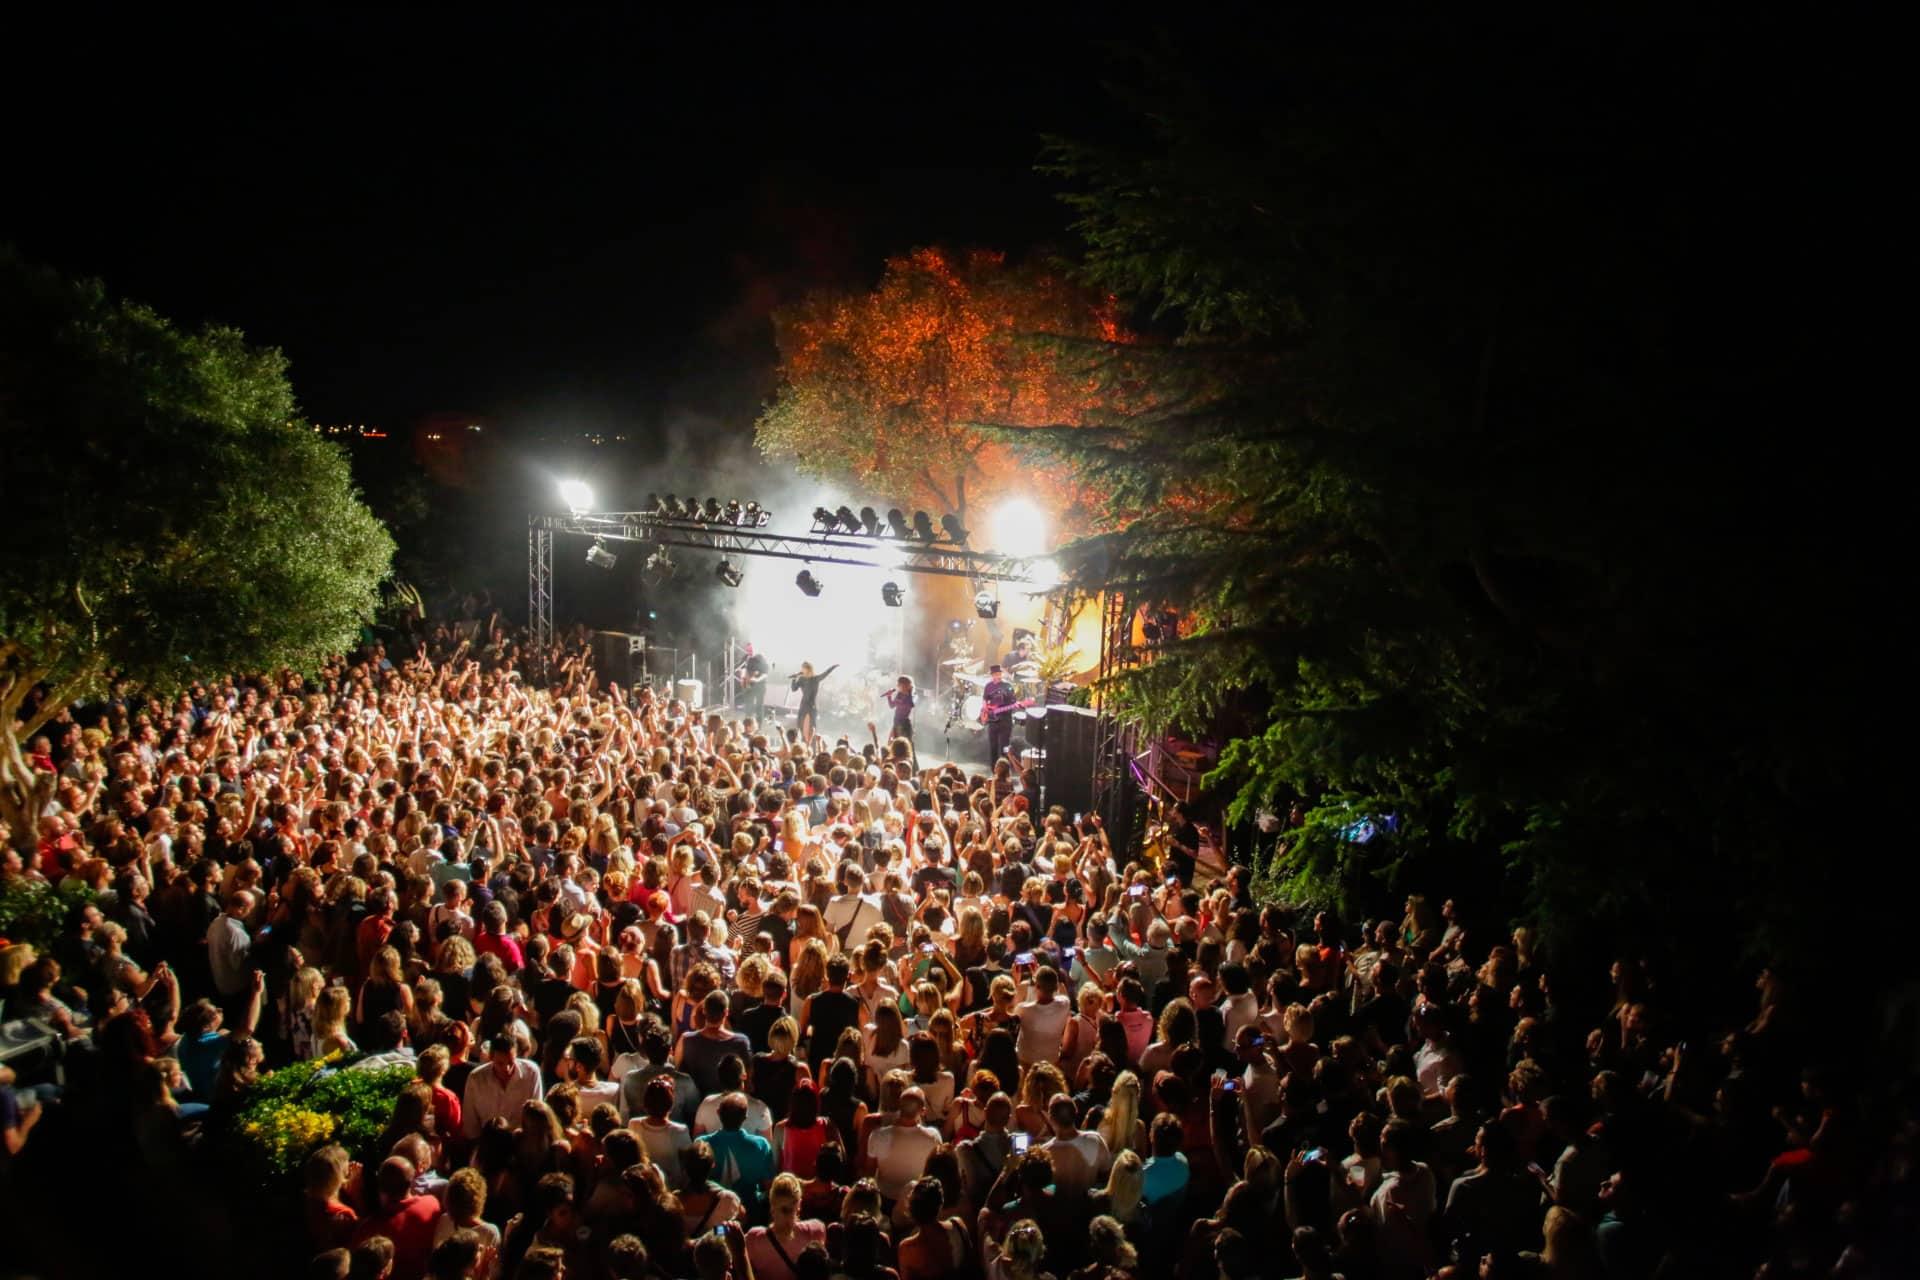 Festival Le Mas des Escaravatiers Puget-sur-Argens